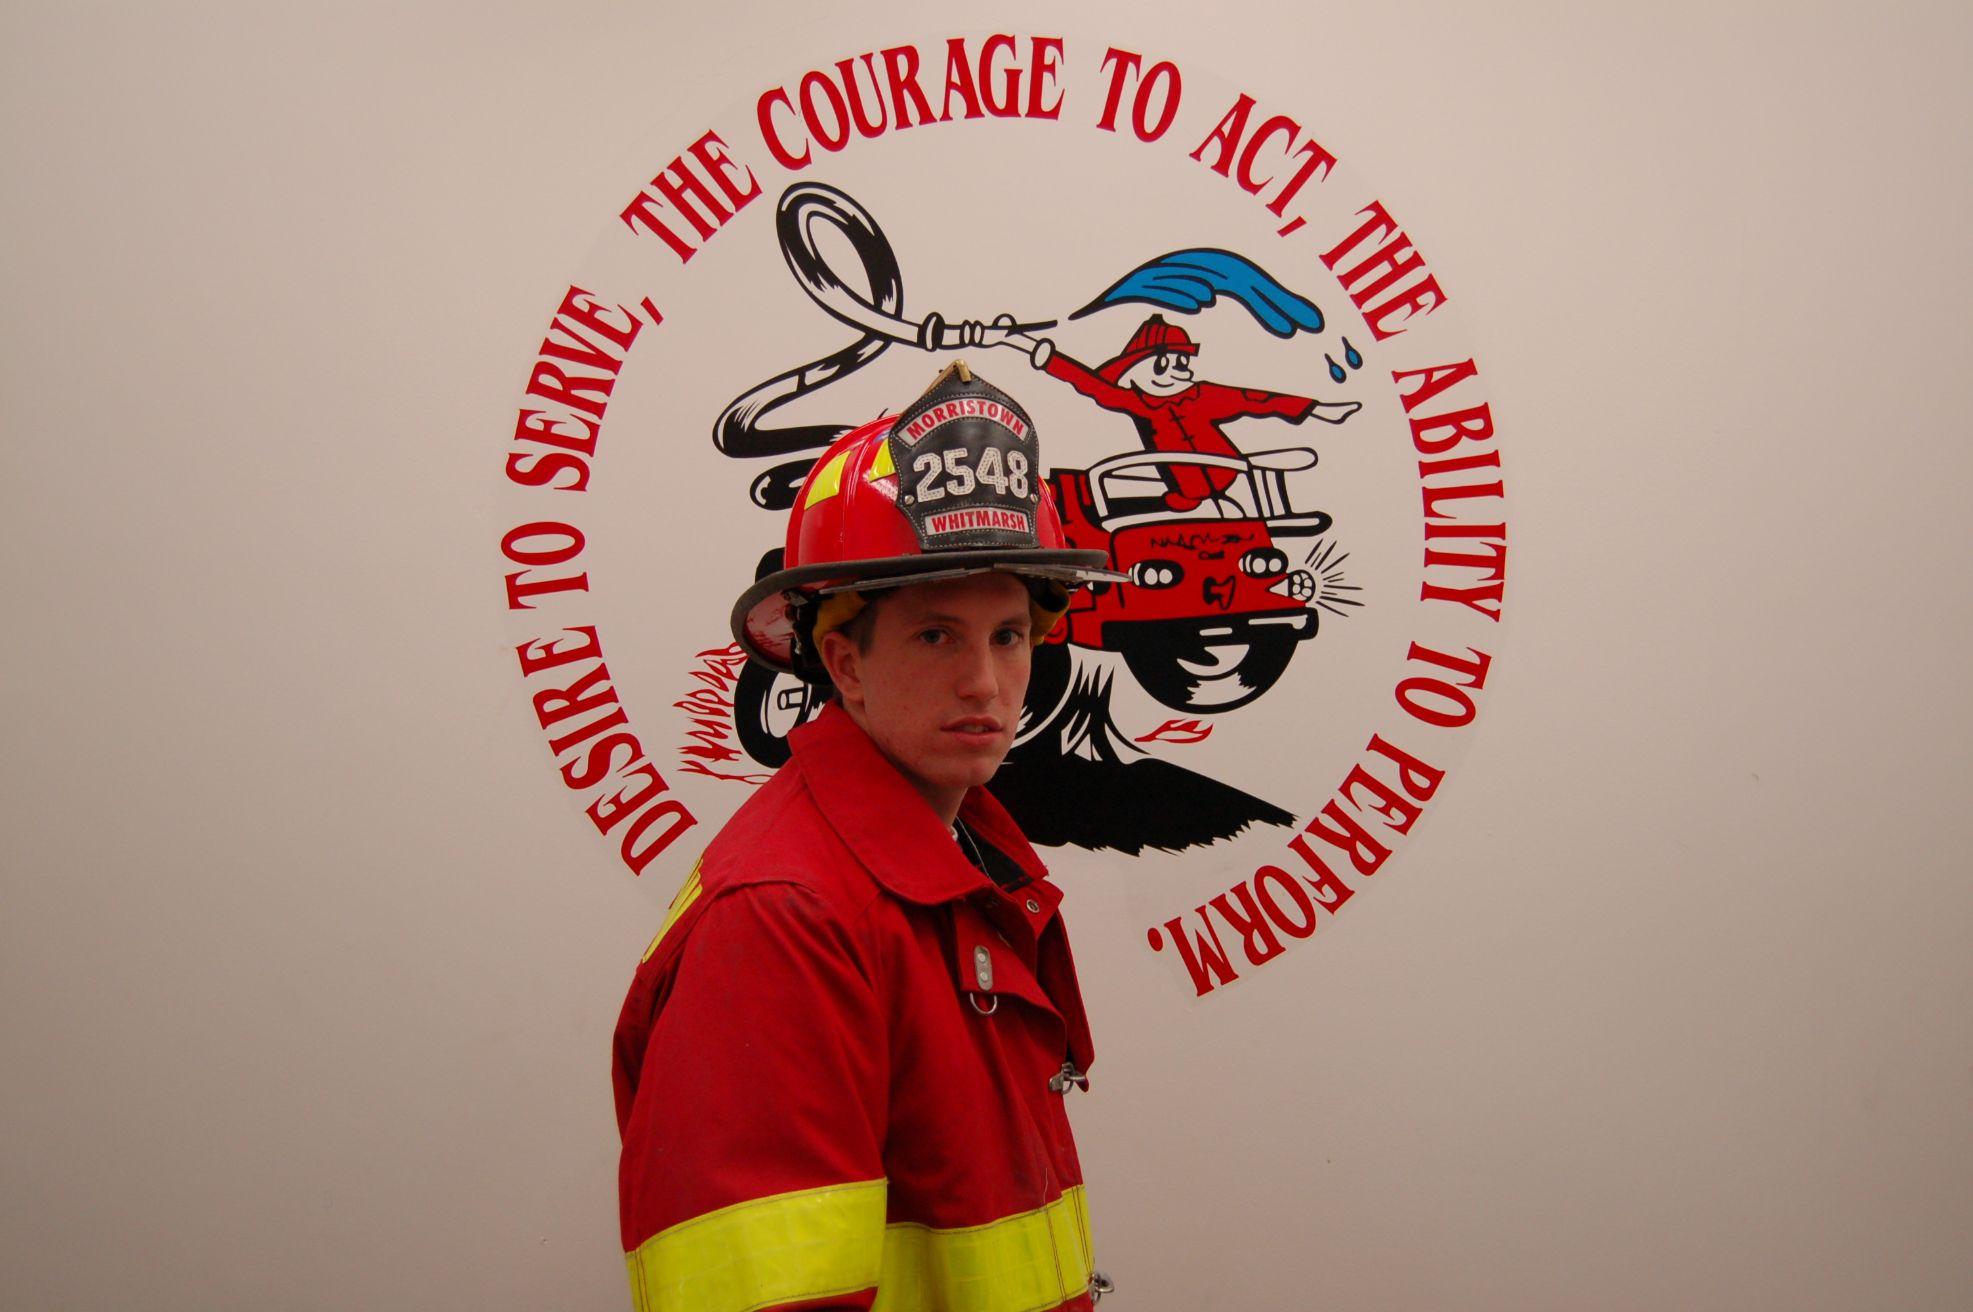 Fire Fighter Bill Whitmarsh